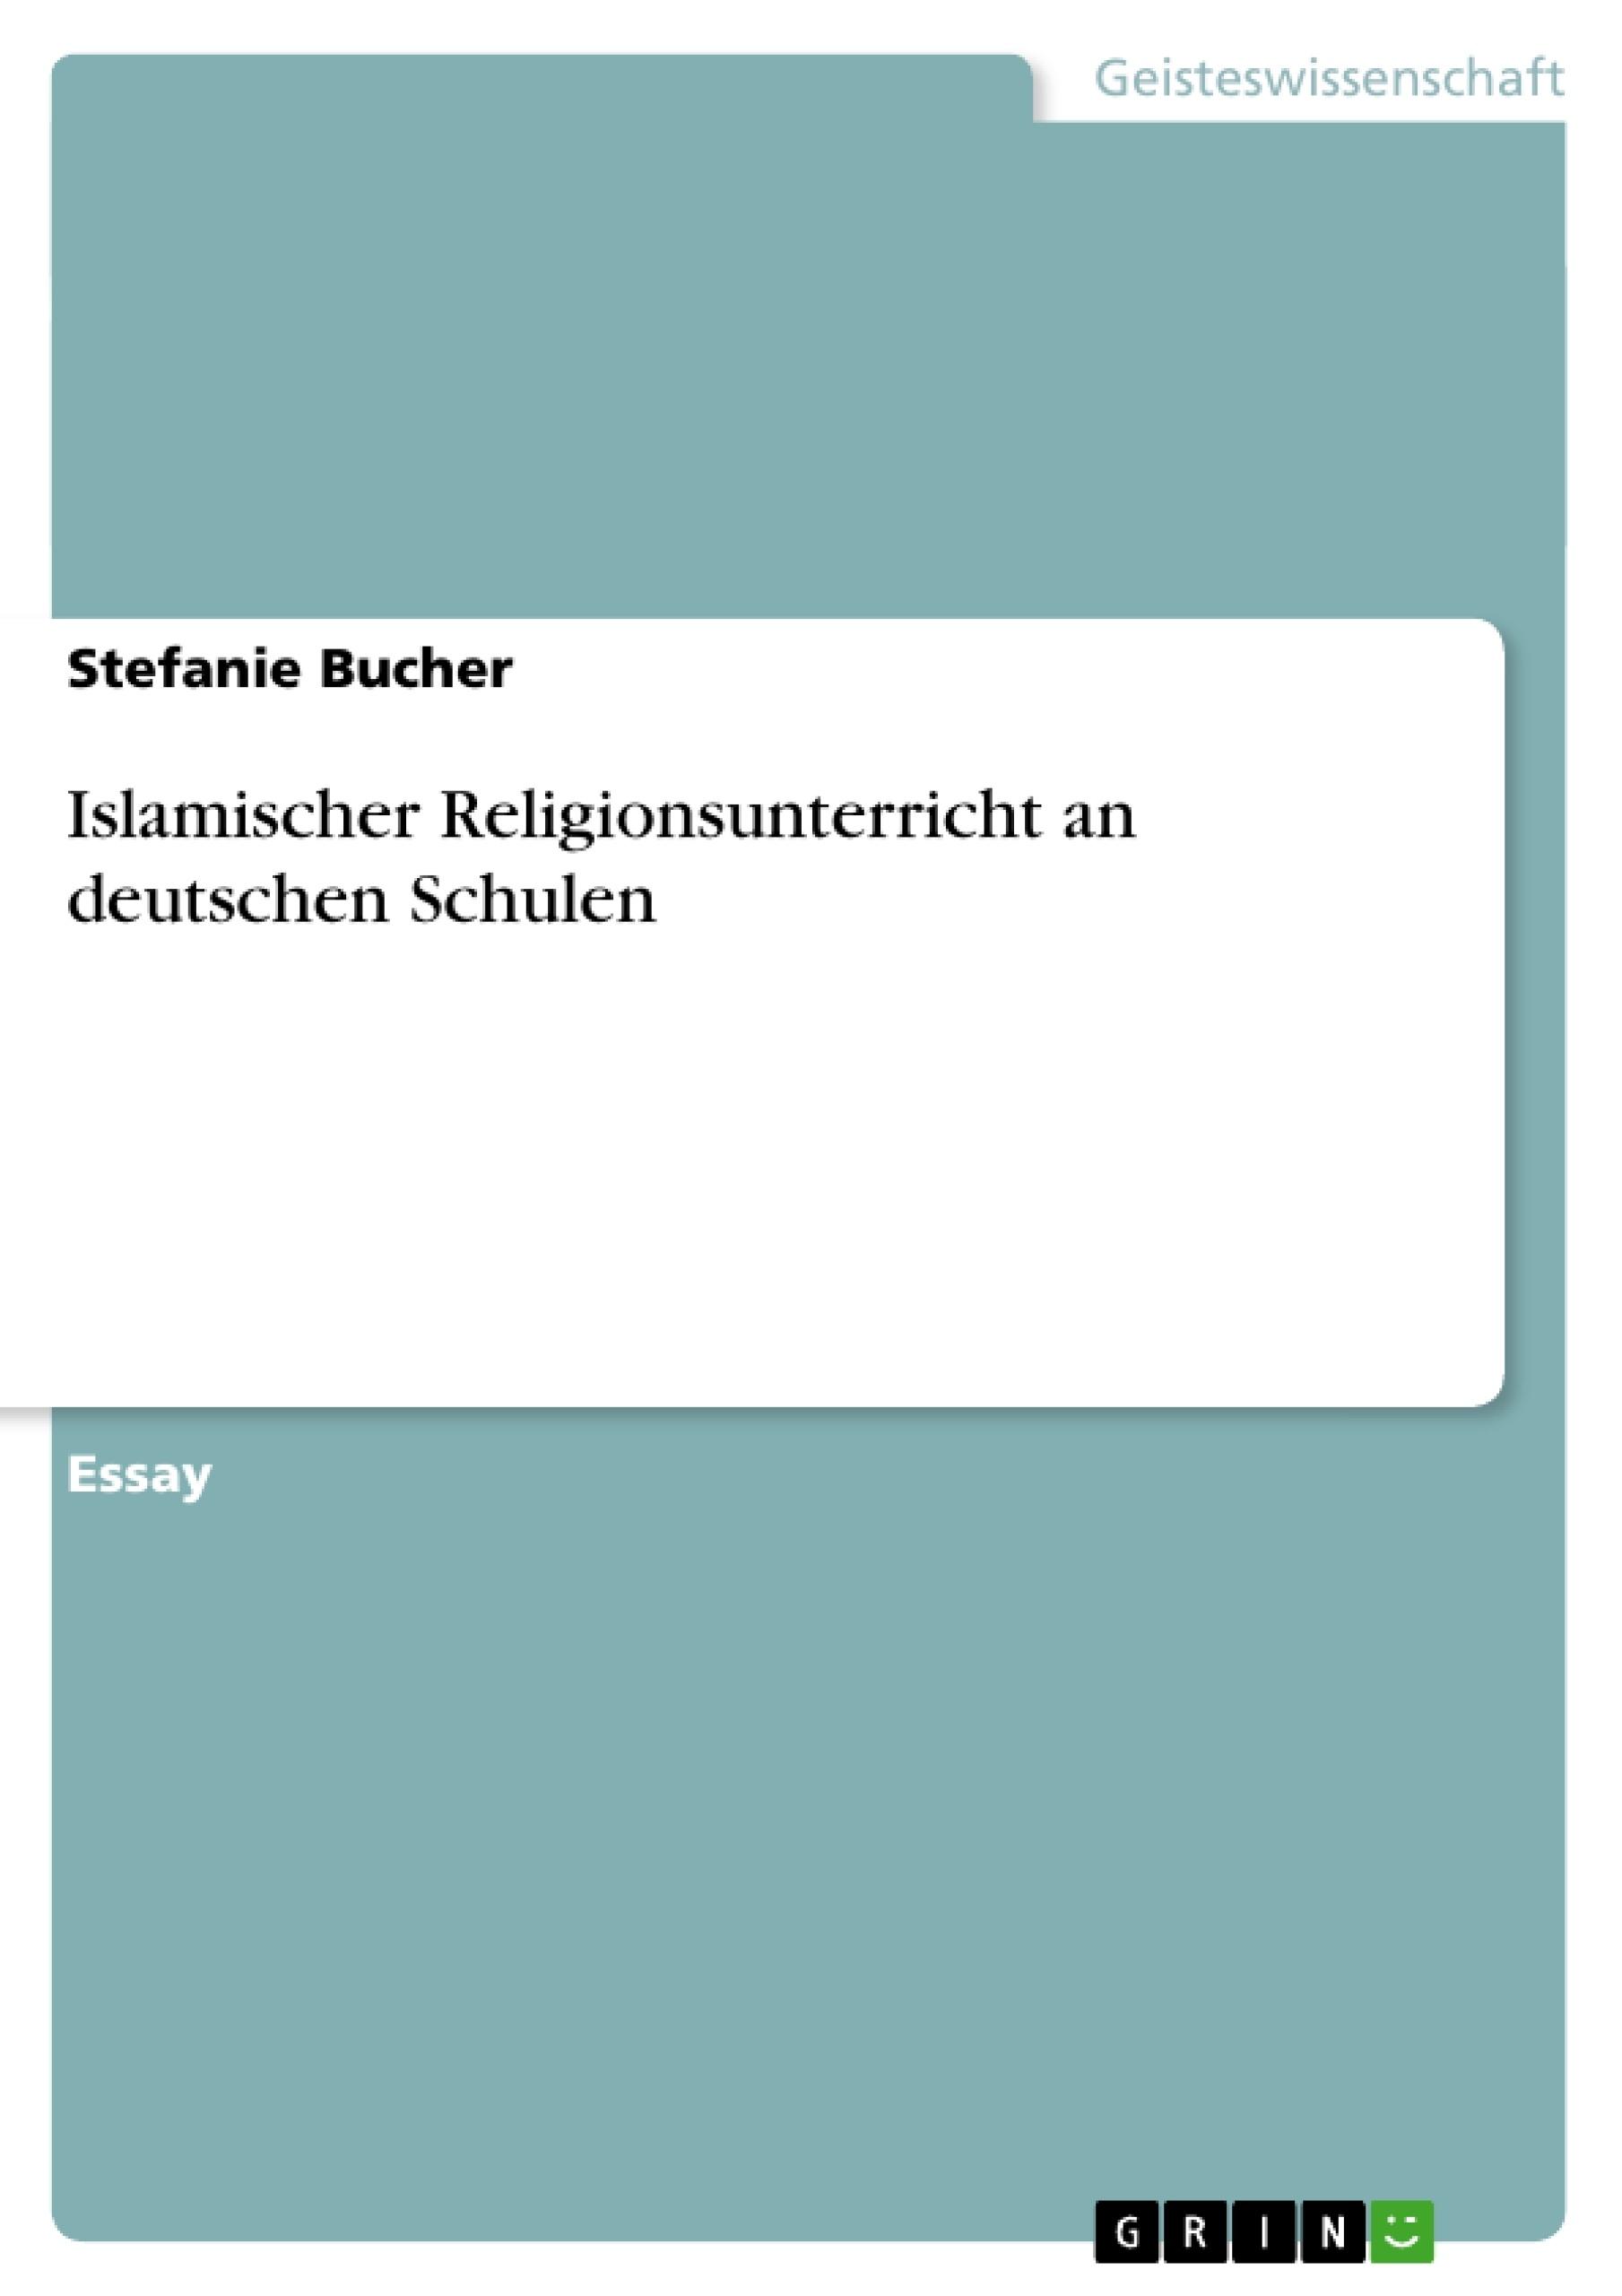 Titel: Islamischer Religionsunterricht an  deutschen Schulen